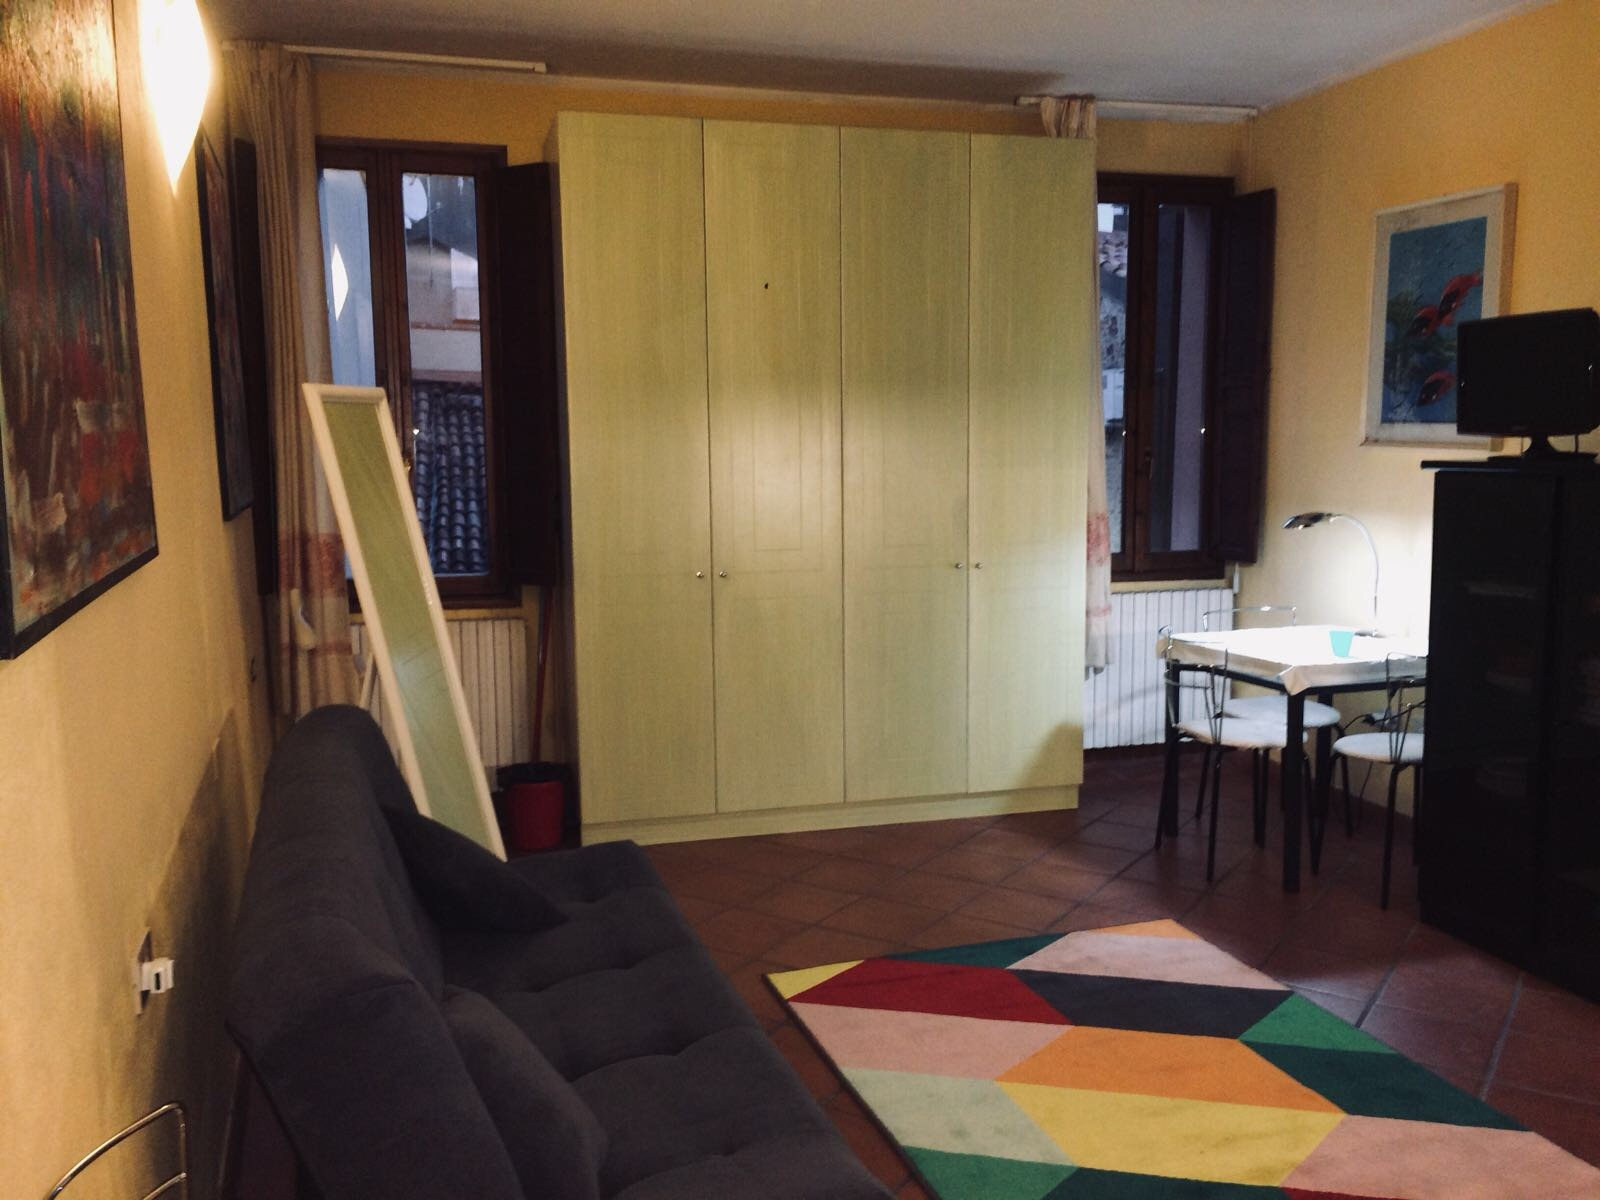 Appartamento in affitto a Ferrara, 1 locali, zona Località: Centrostorico, prezzo € 350 | CambioCasa.it